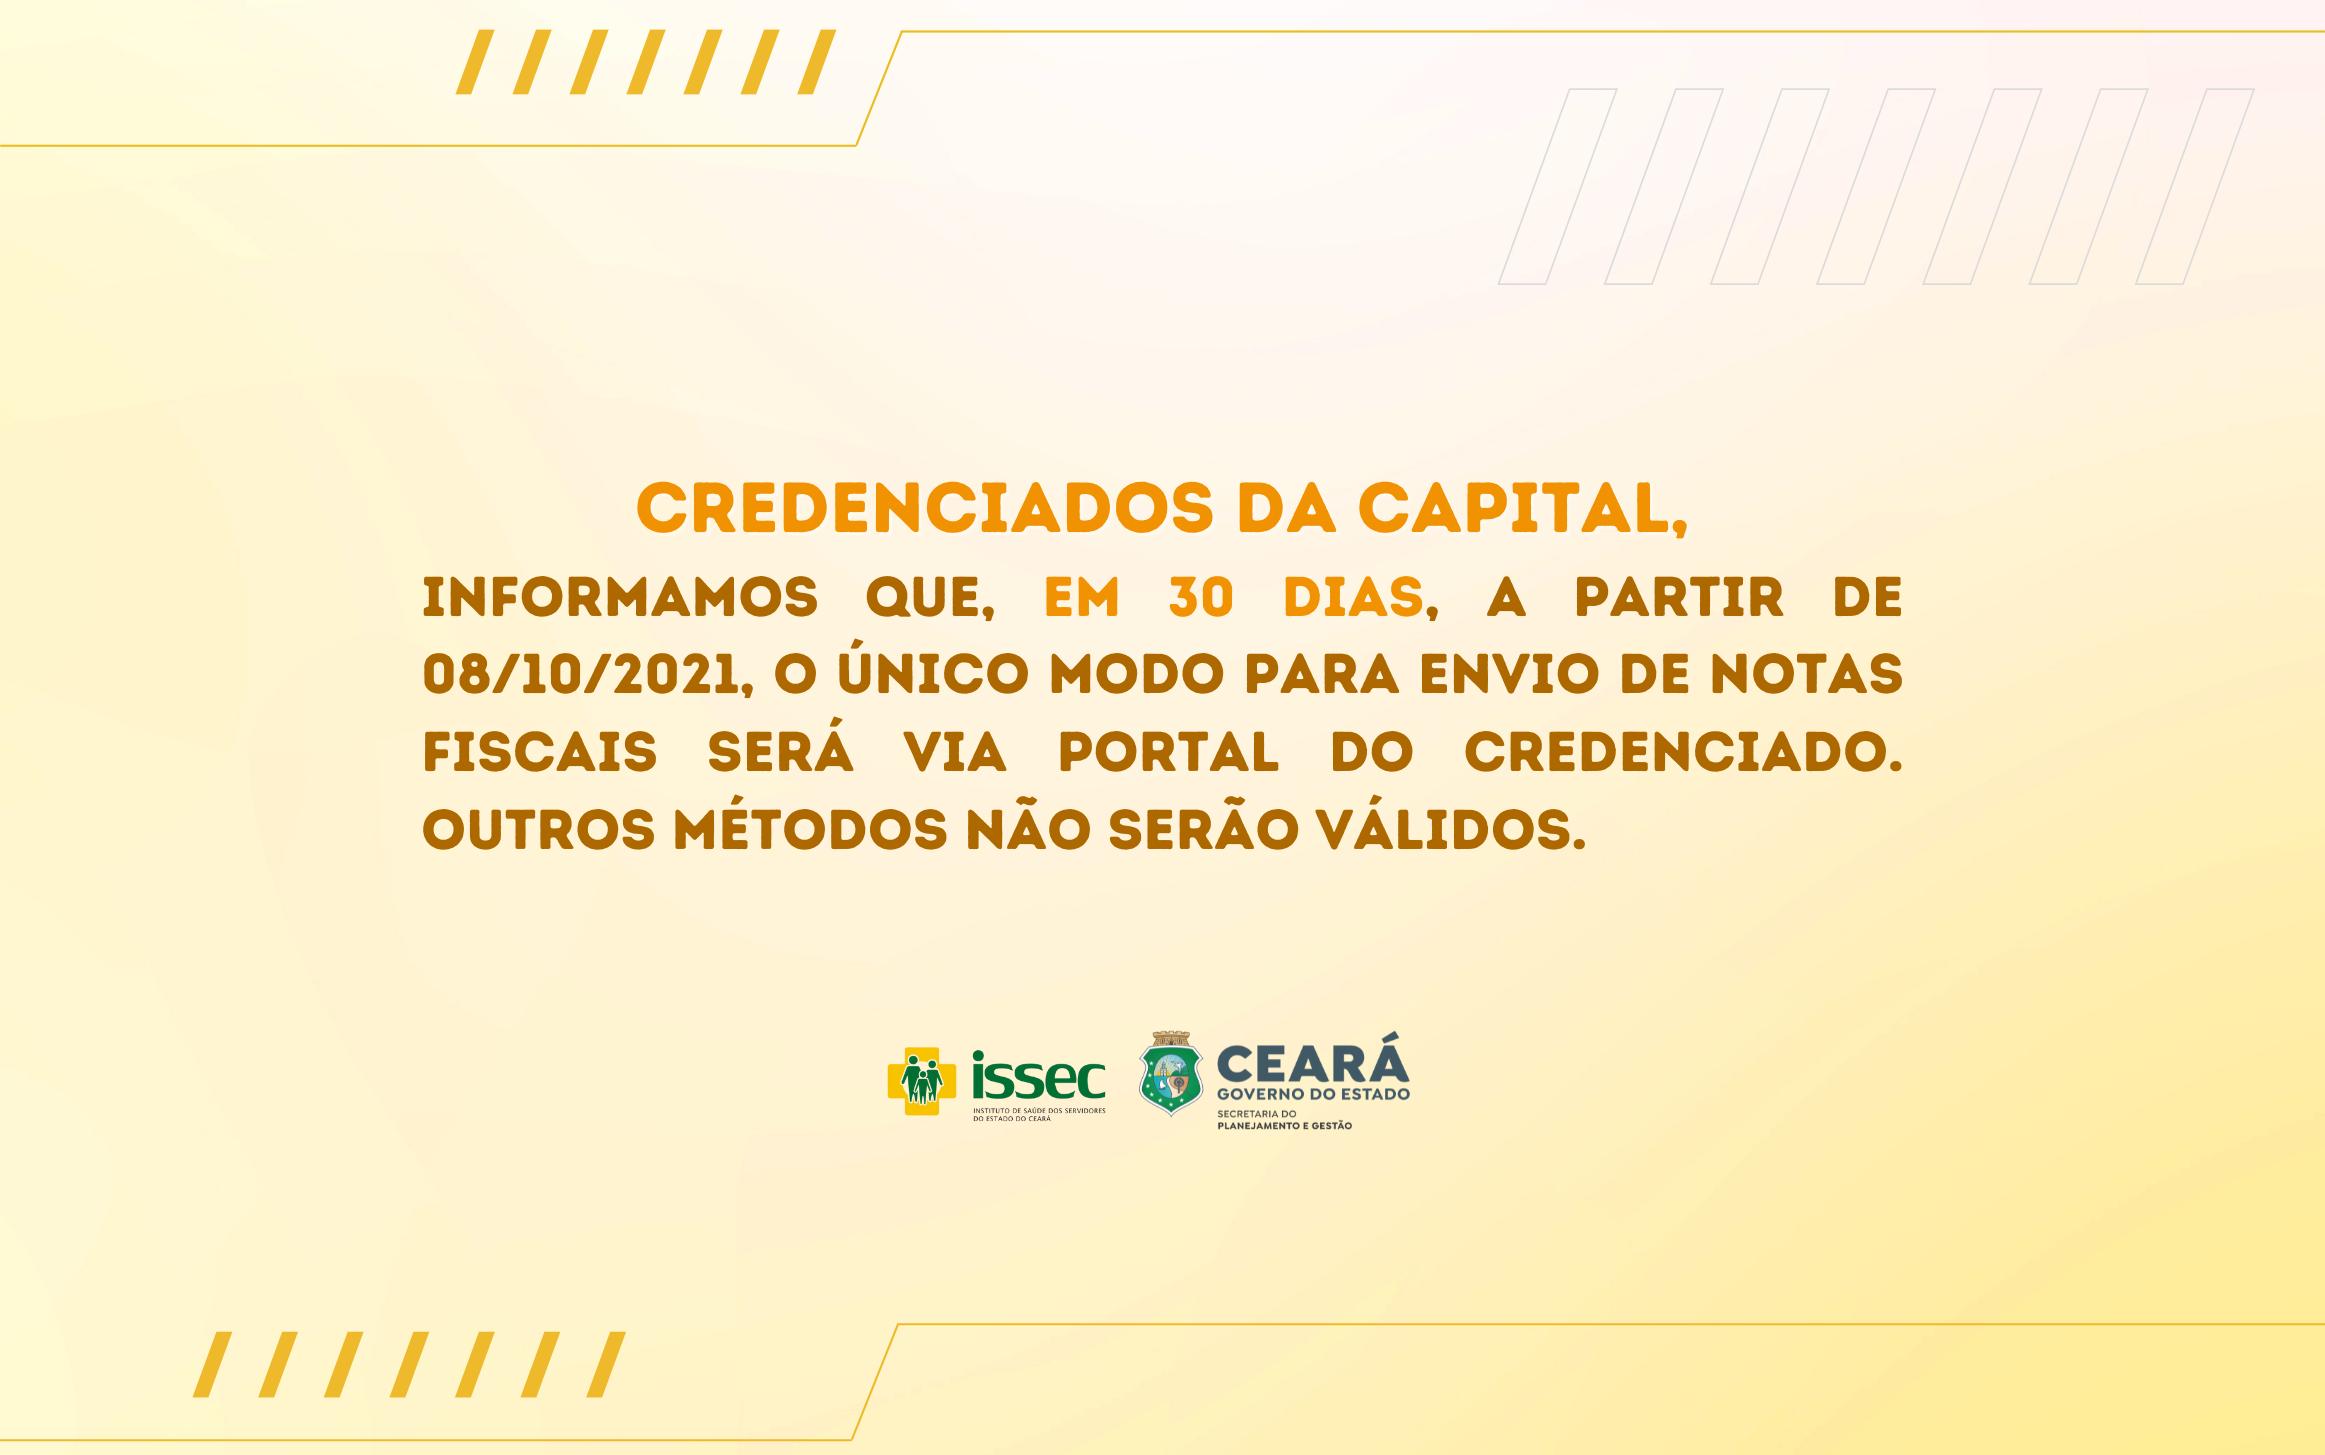 Atenção, credenciados da capital!